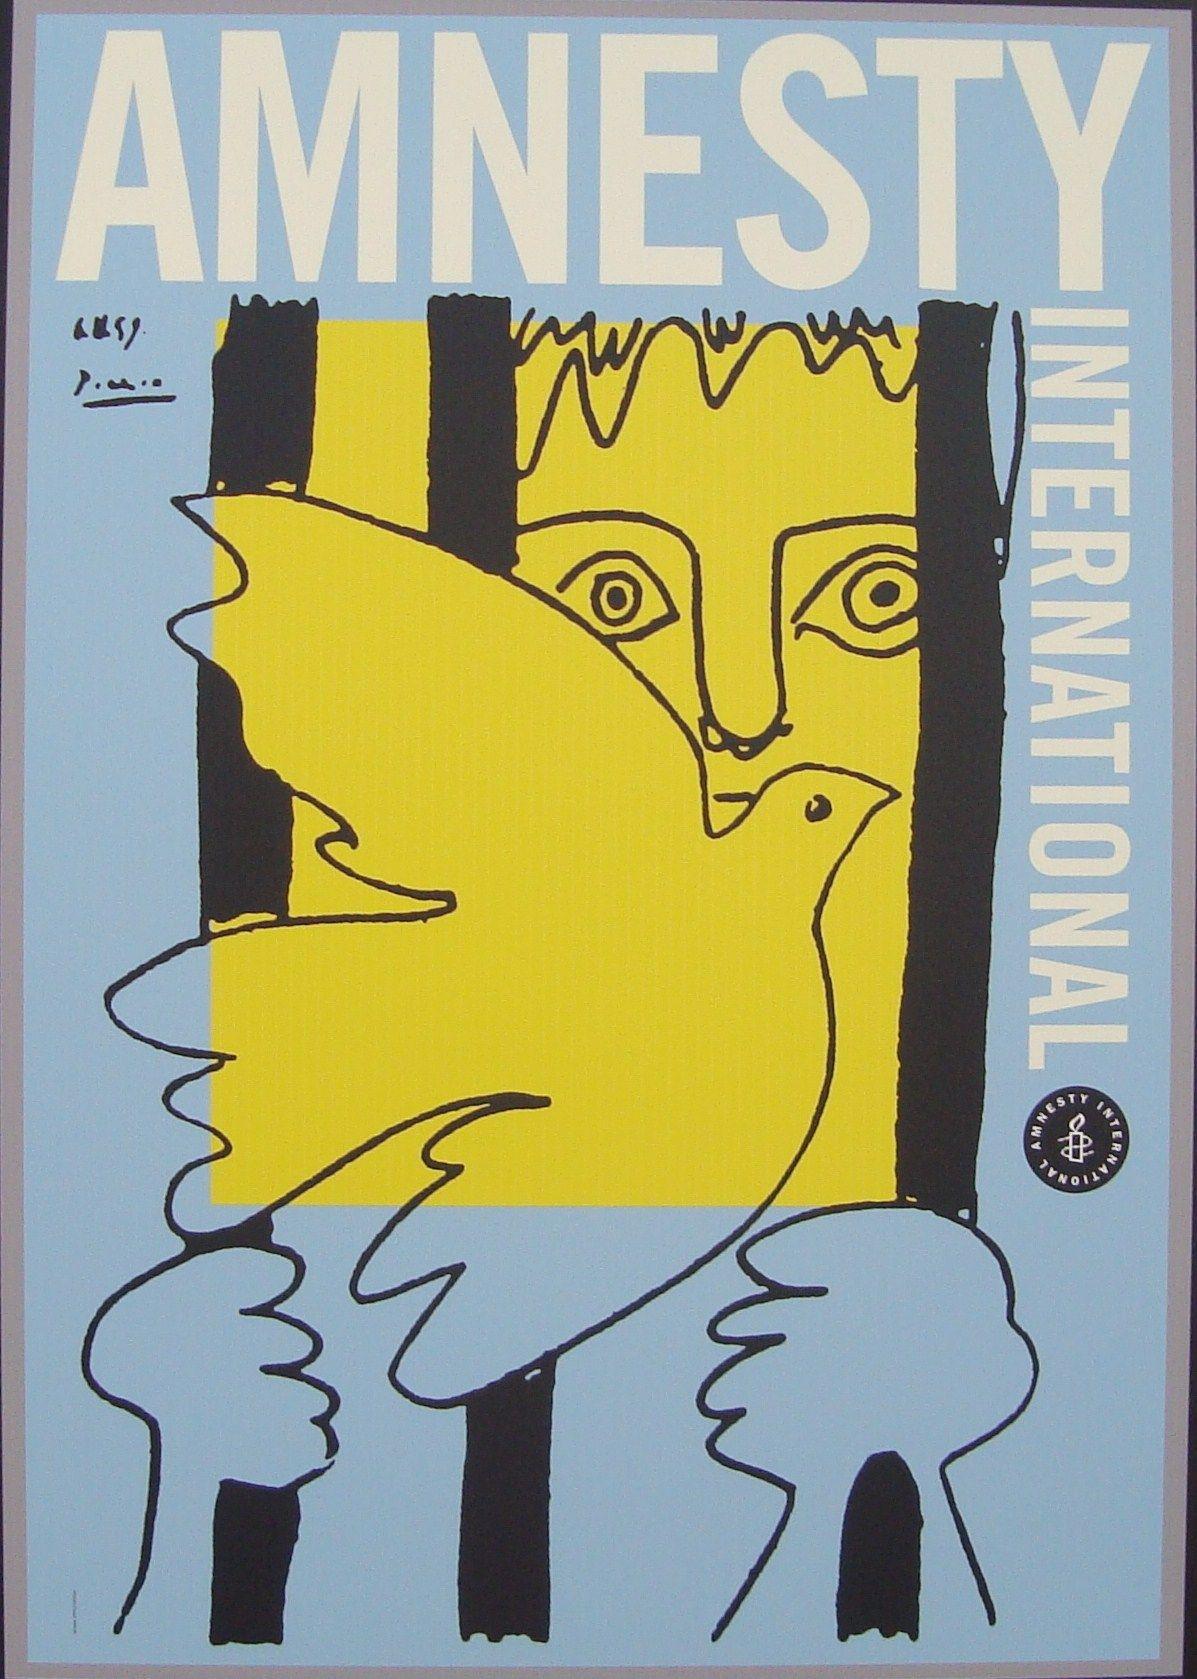 2000. AI EEUU   Litografía: Pablo Picasso y un dibujo de Pentagram, donado por Pablo Picasso.   Diseño Equipo de Woody Pirtle. Pentagram, NY.